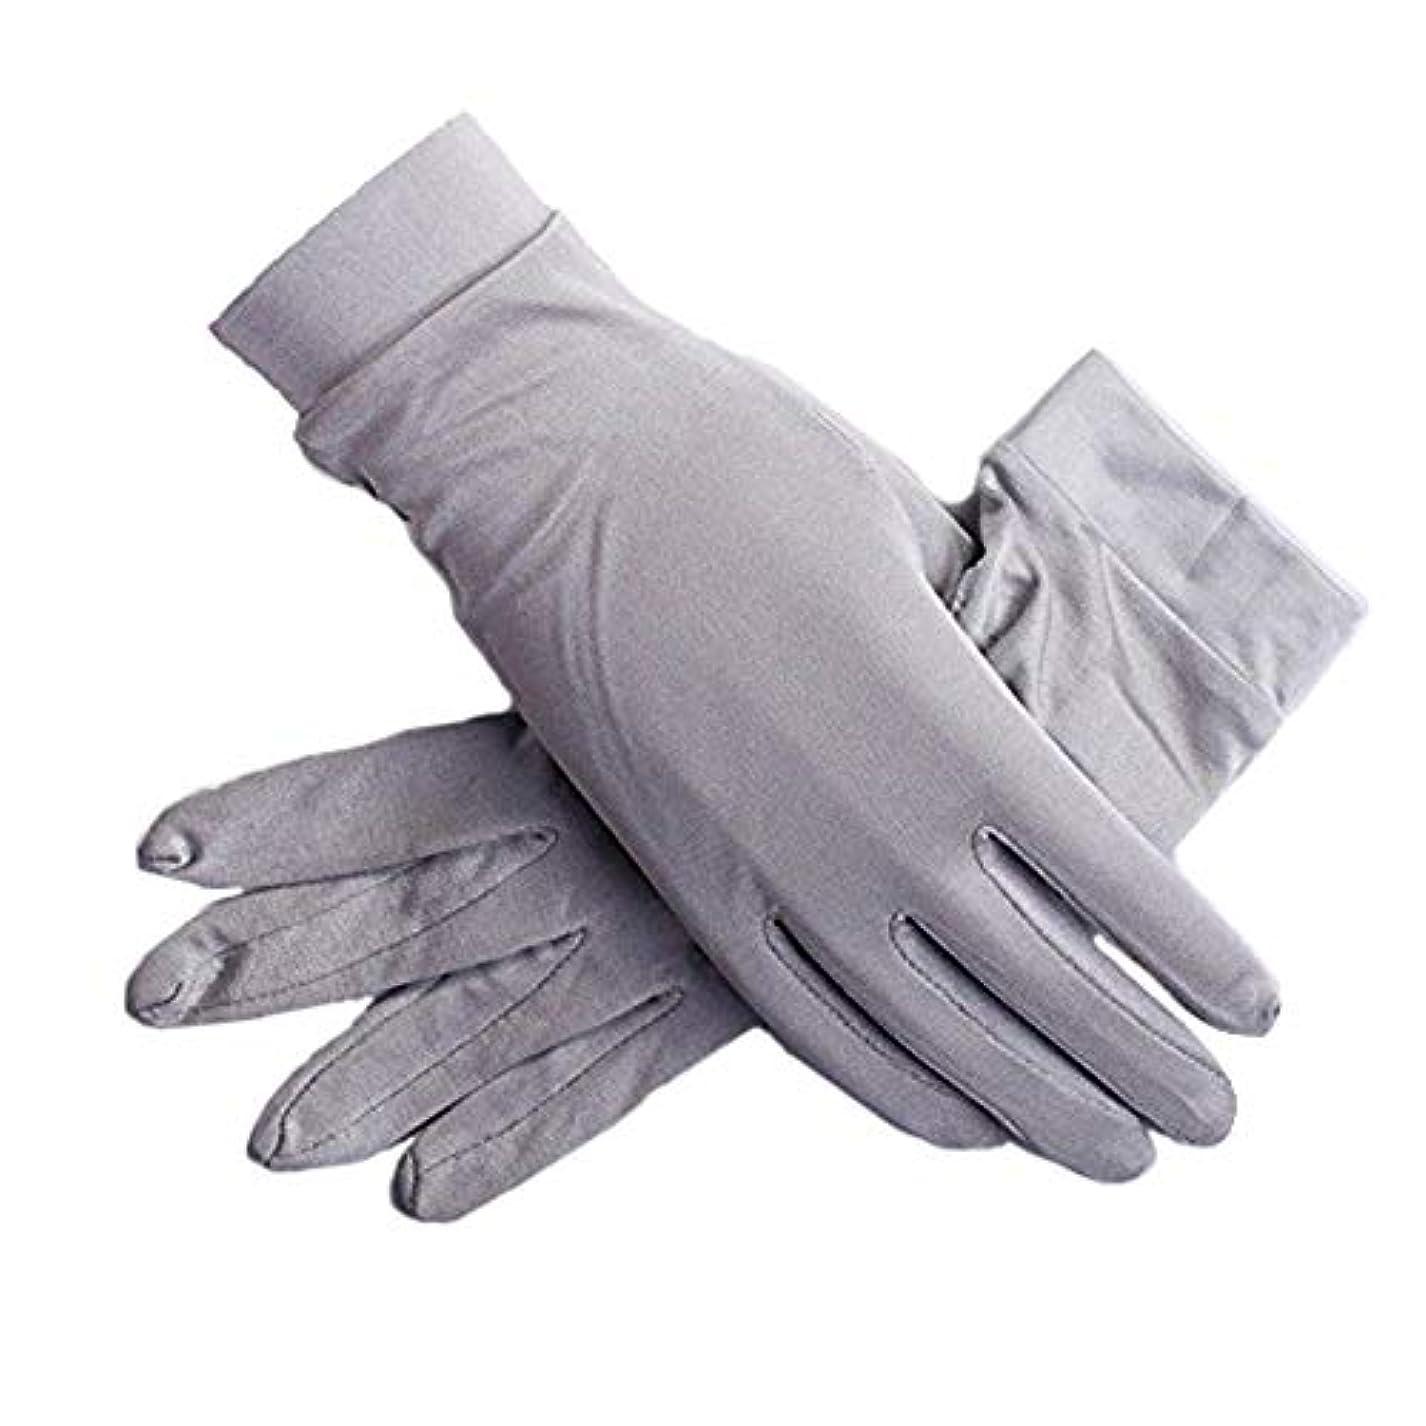 アレキサンダーグラハムベル行き当たりばったり含むメンズ シルク手袋 手袋 シルク おやすみ 手触り夏 ハンド ケア レディース日焼け防止 が良い 紫外線 保湿